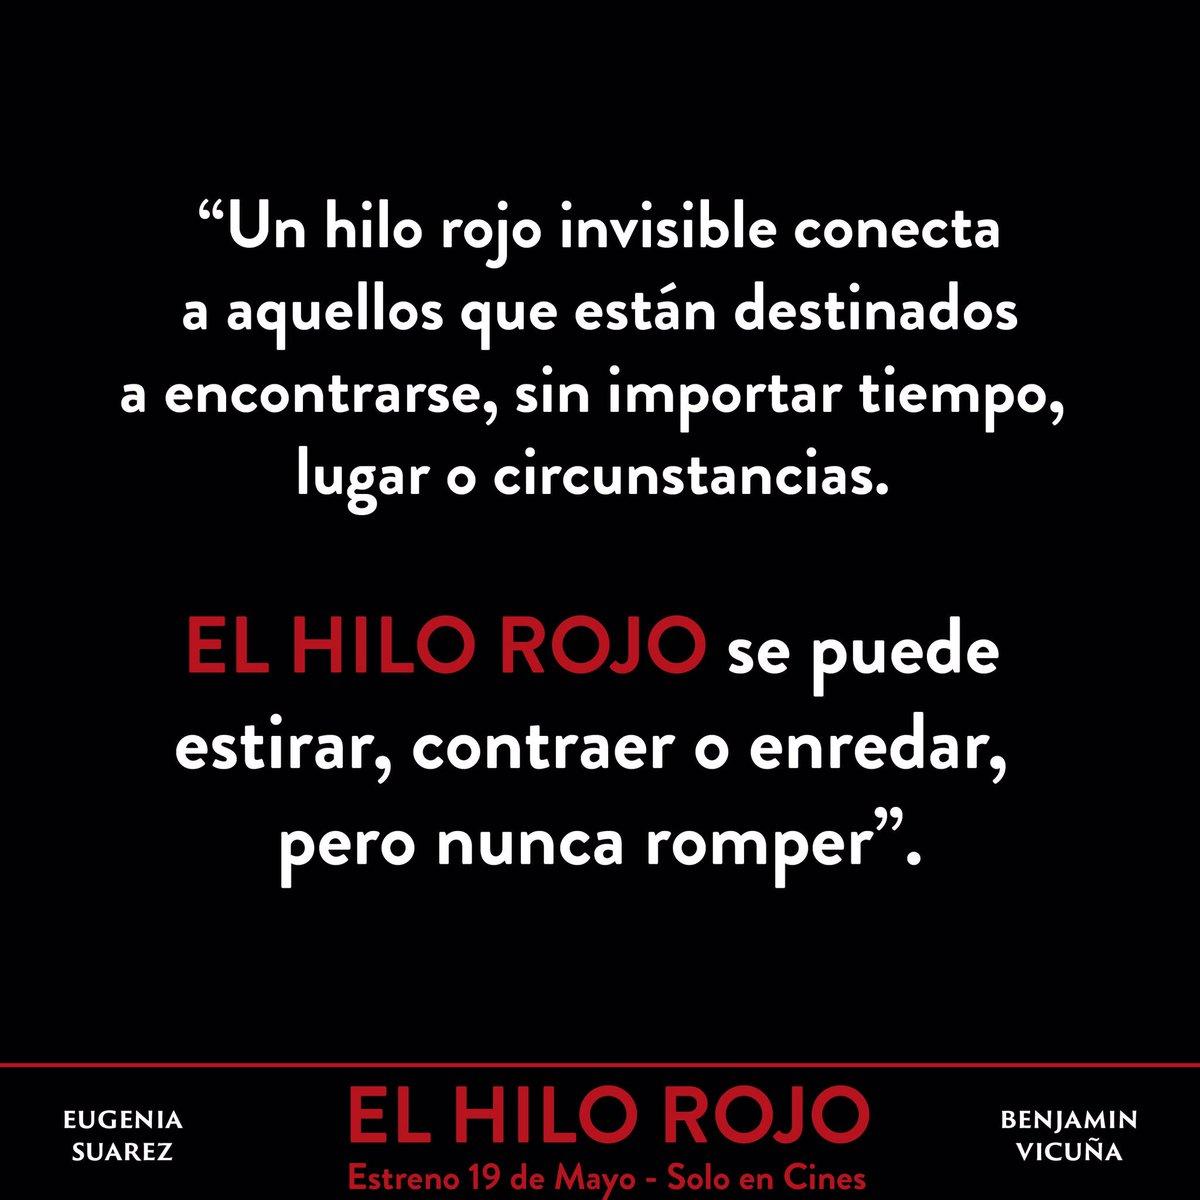 El Hilo Rojo On Twitter Cuenta La Leyenda Estreno 19 De Mayo